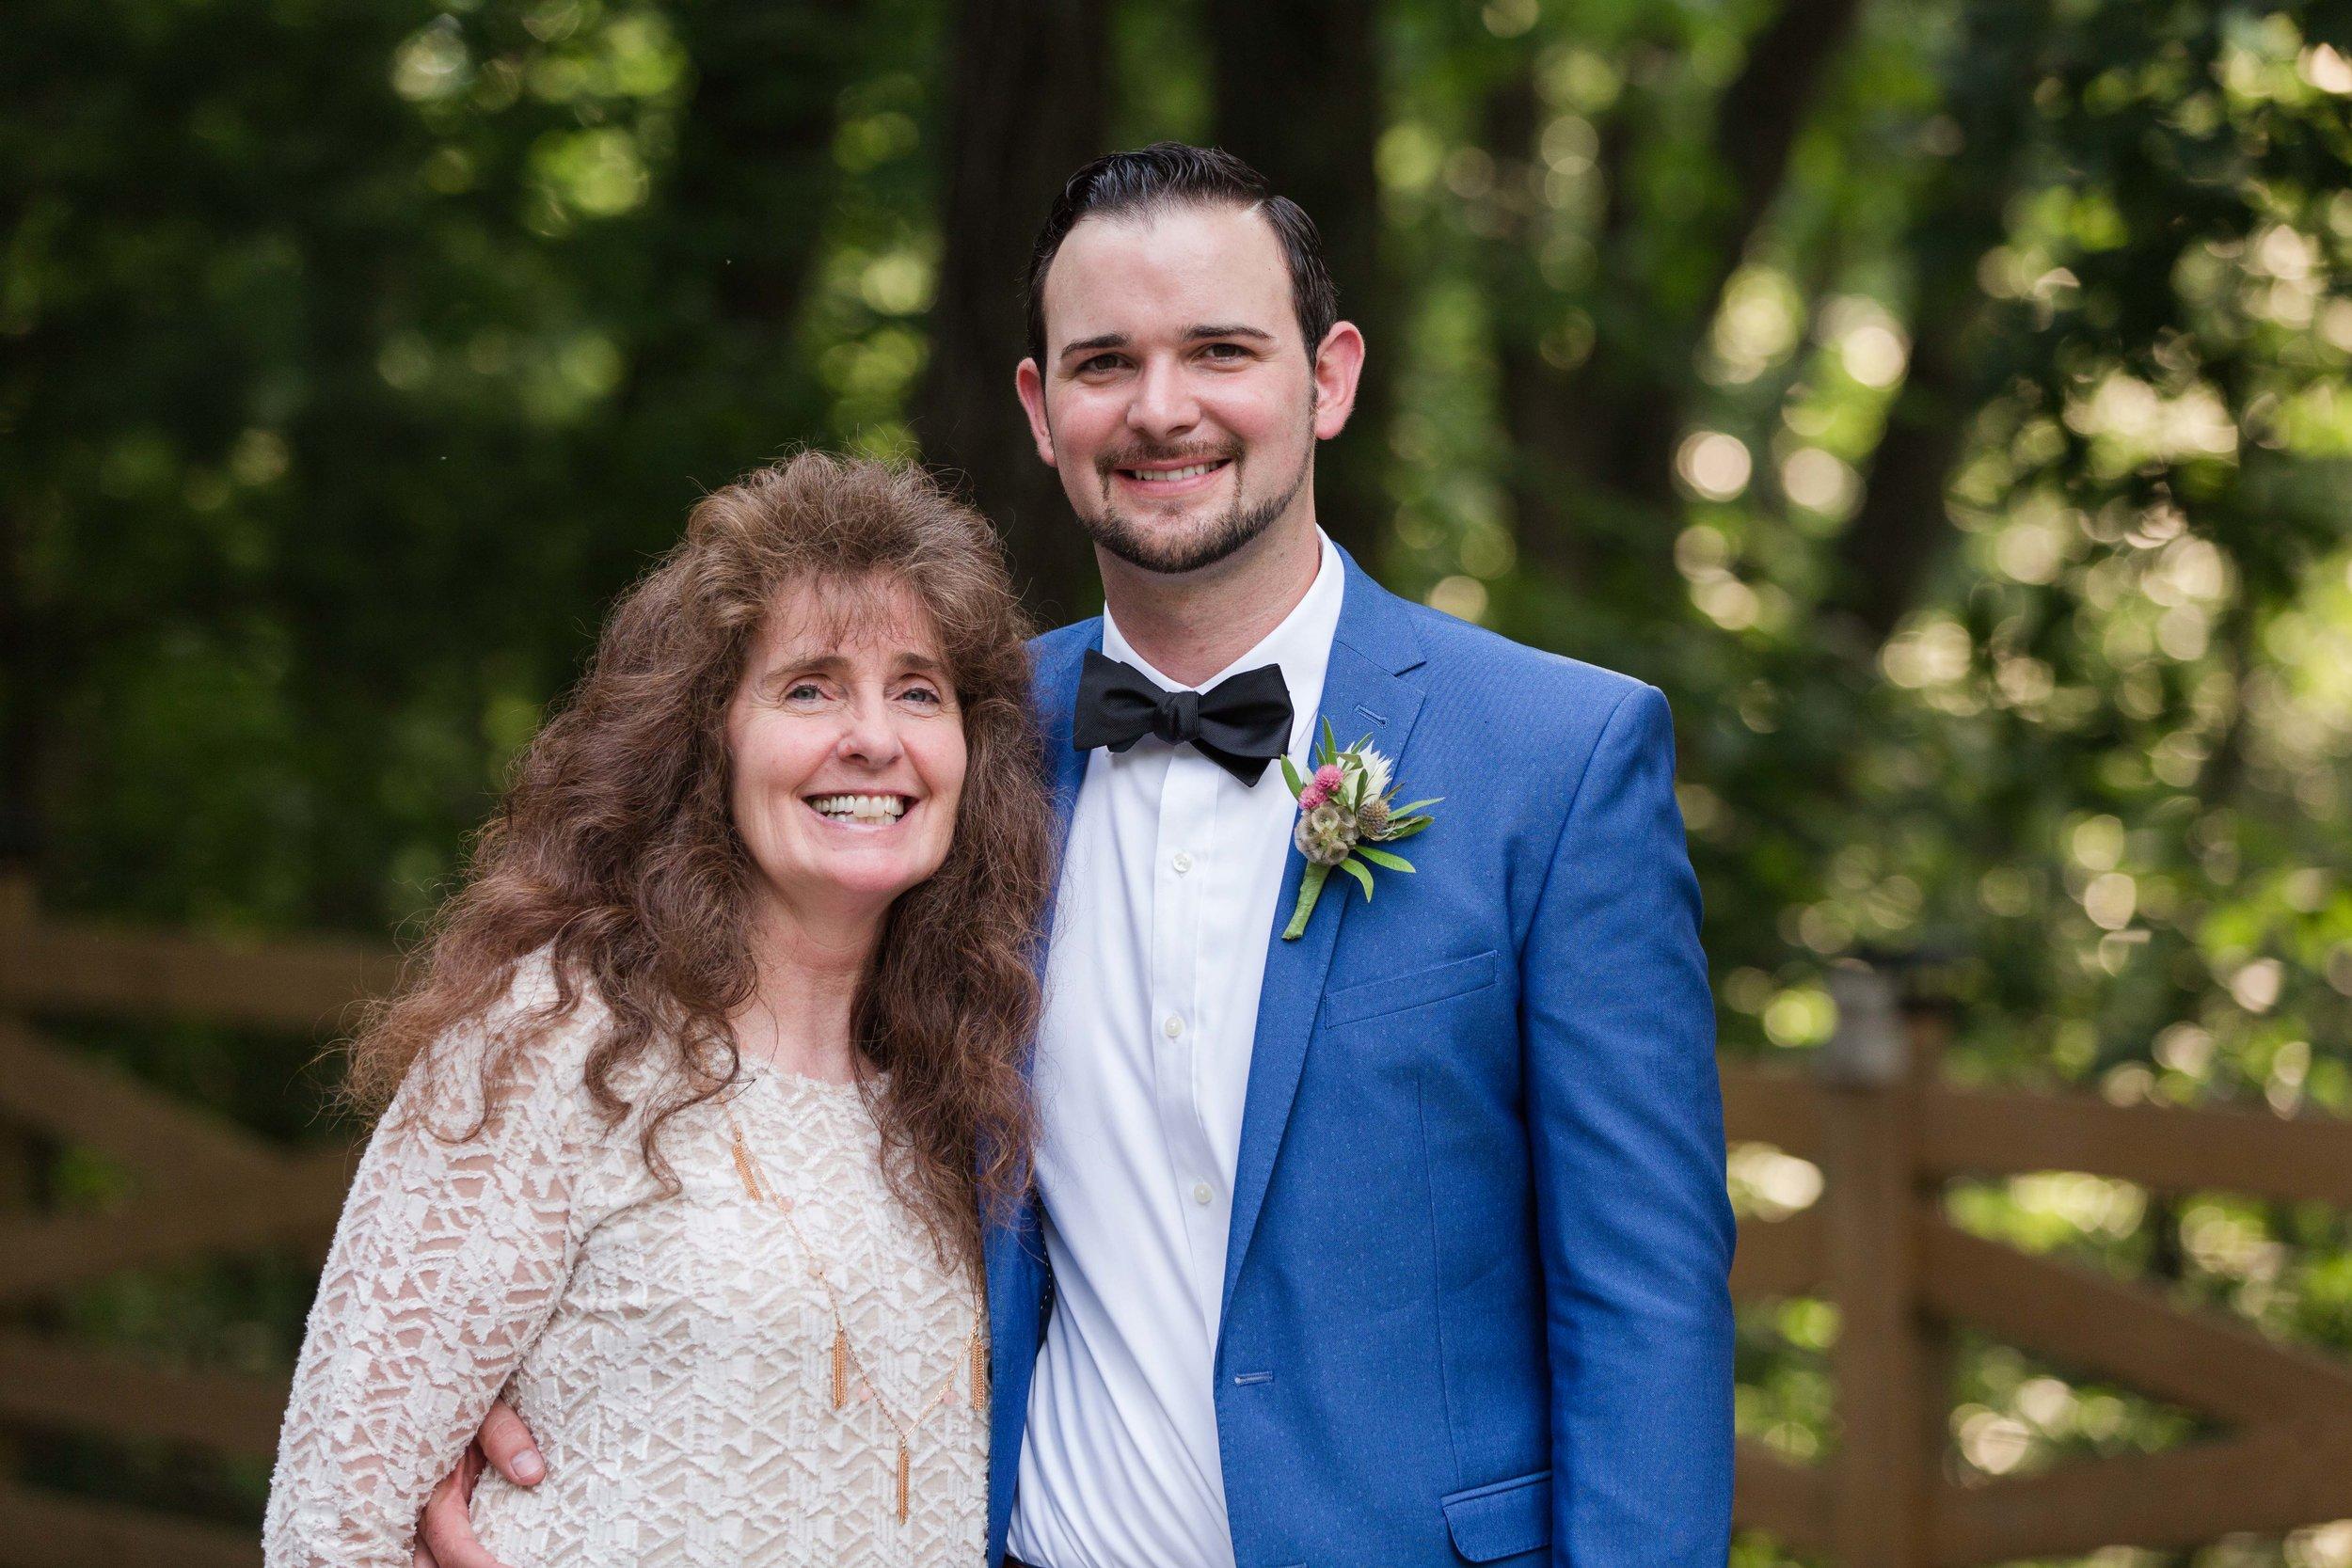 hagerstown_MD_wedding_photographer-3.jpg